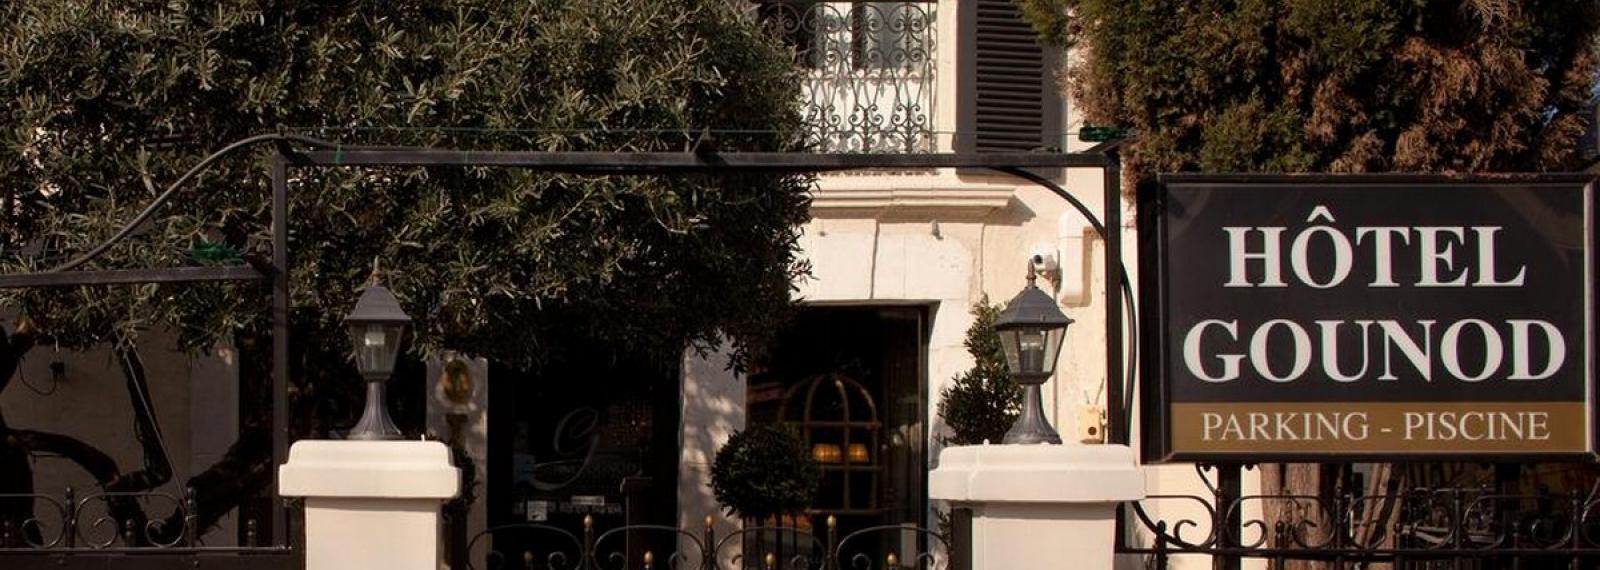 Hôtel Gounod à Saint-Rémy-de-Provence